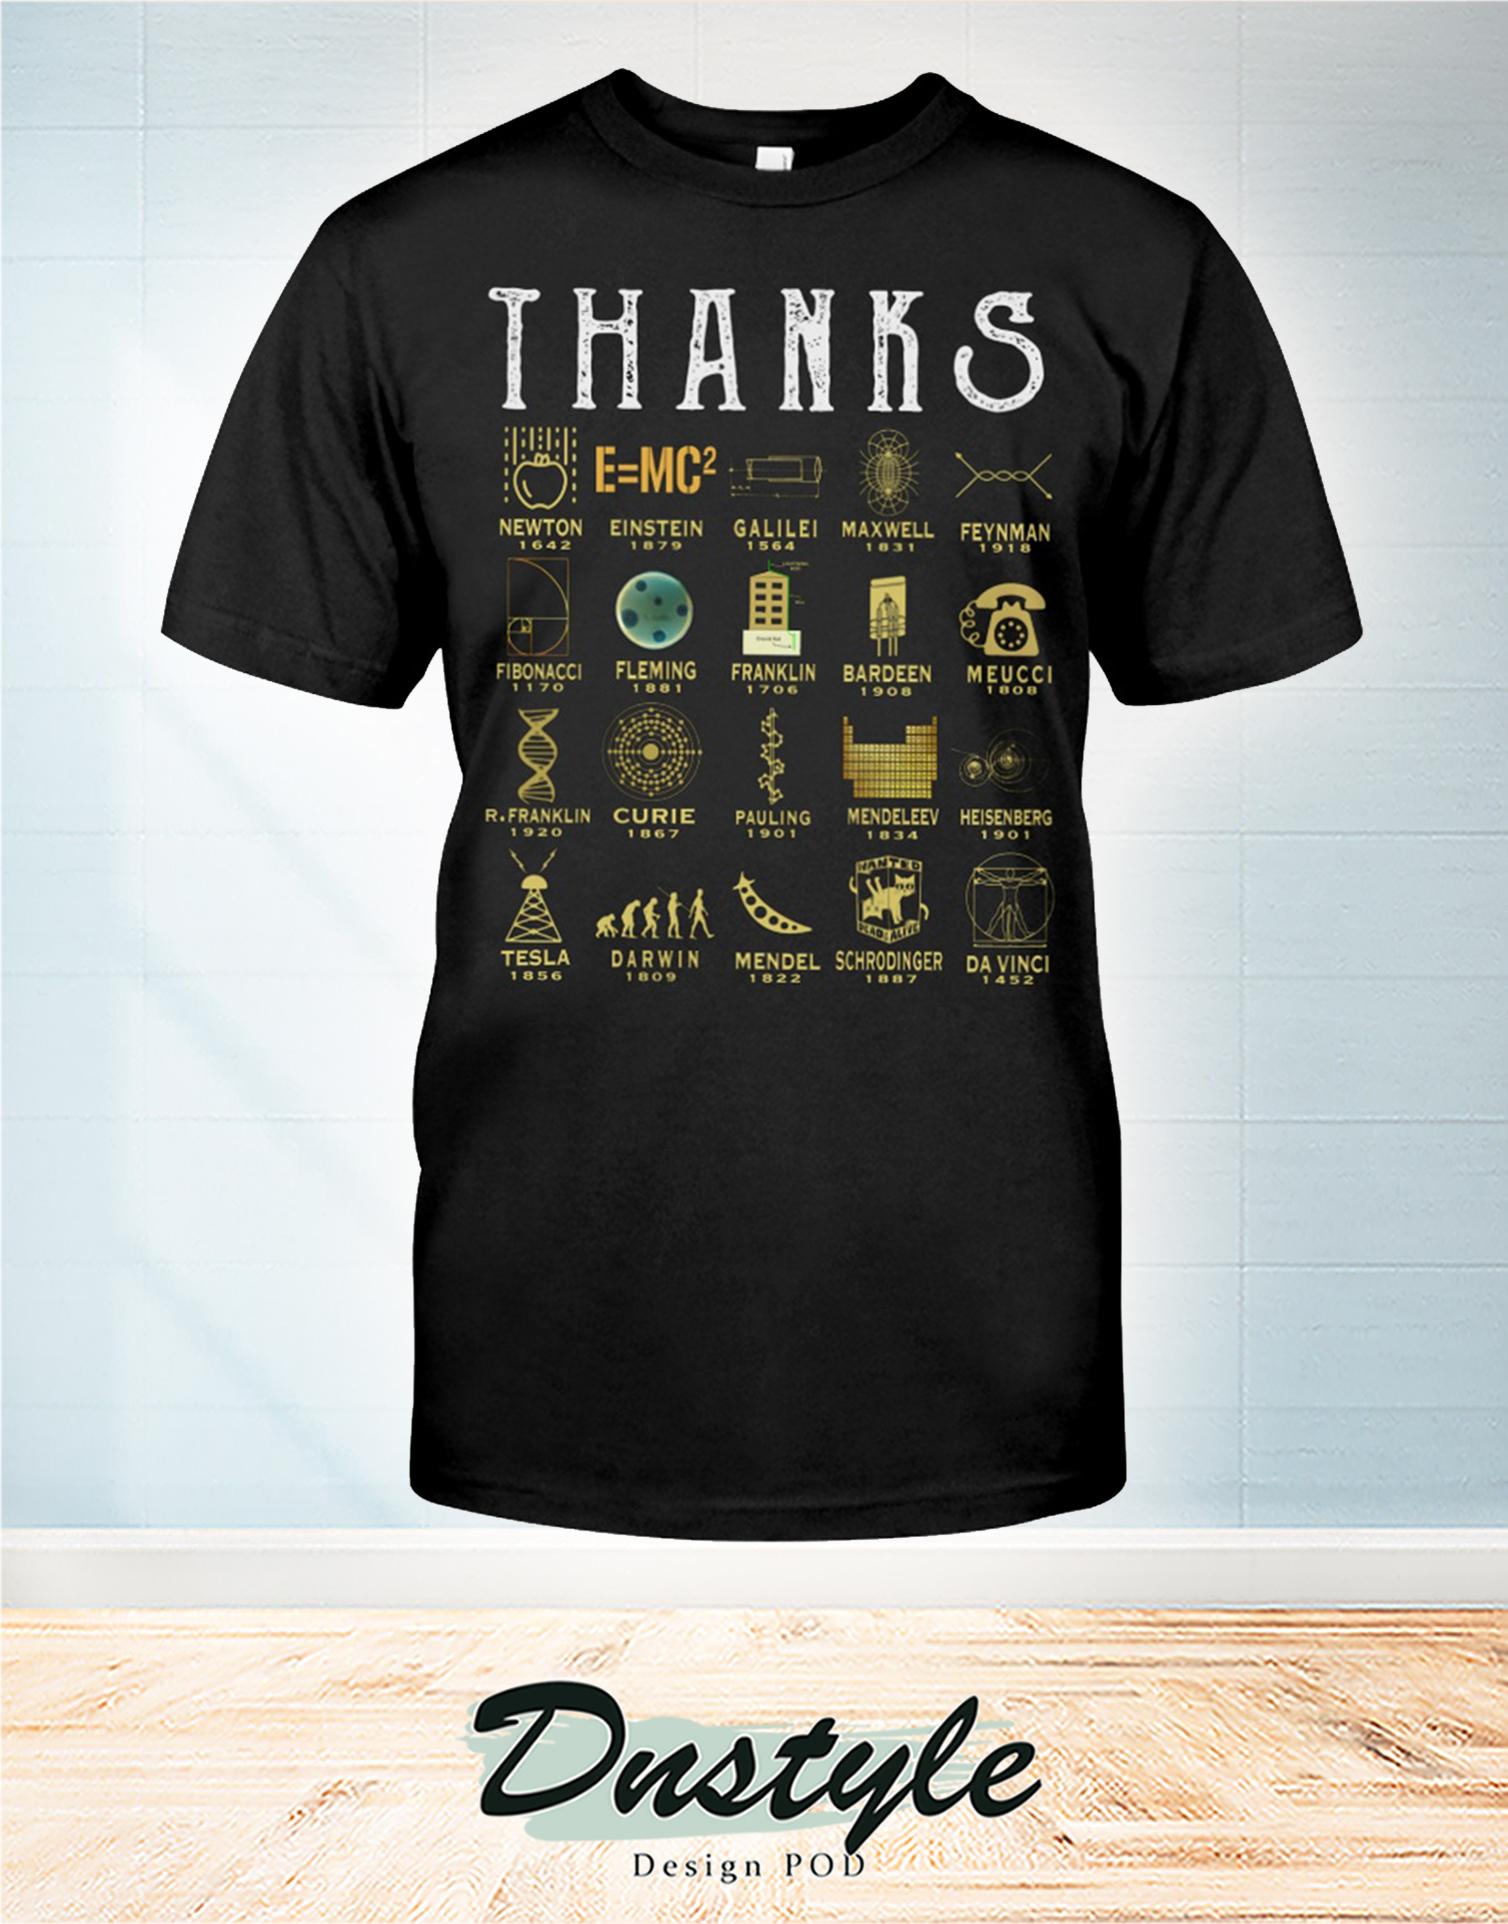 Thanks science newton einstein galilei maxwell t-shirt